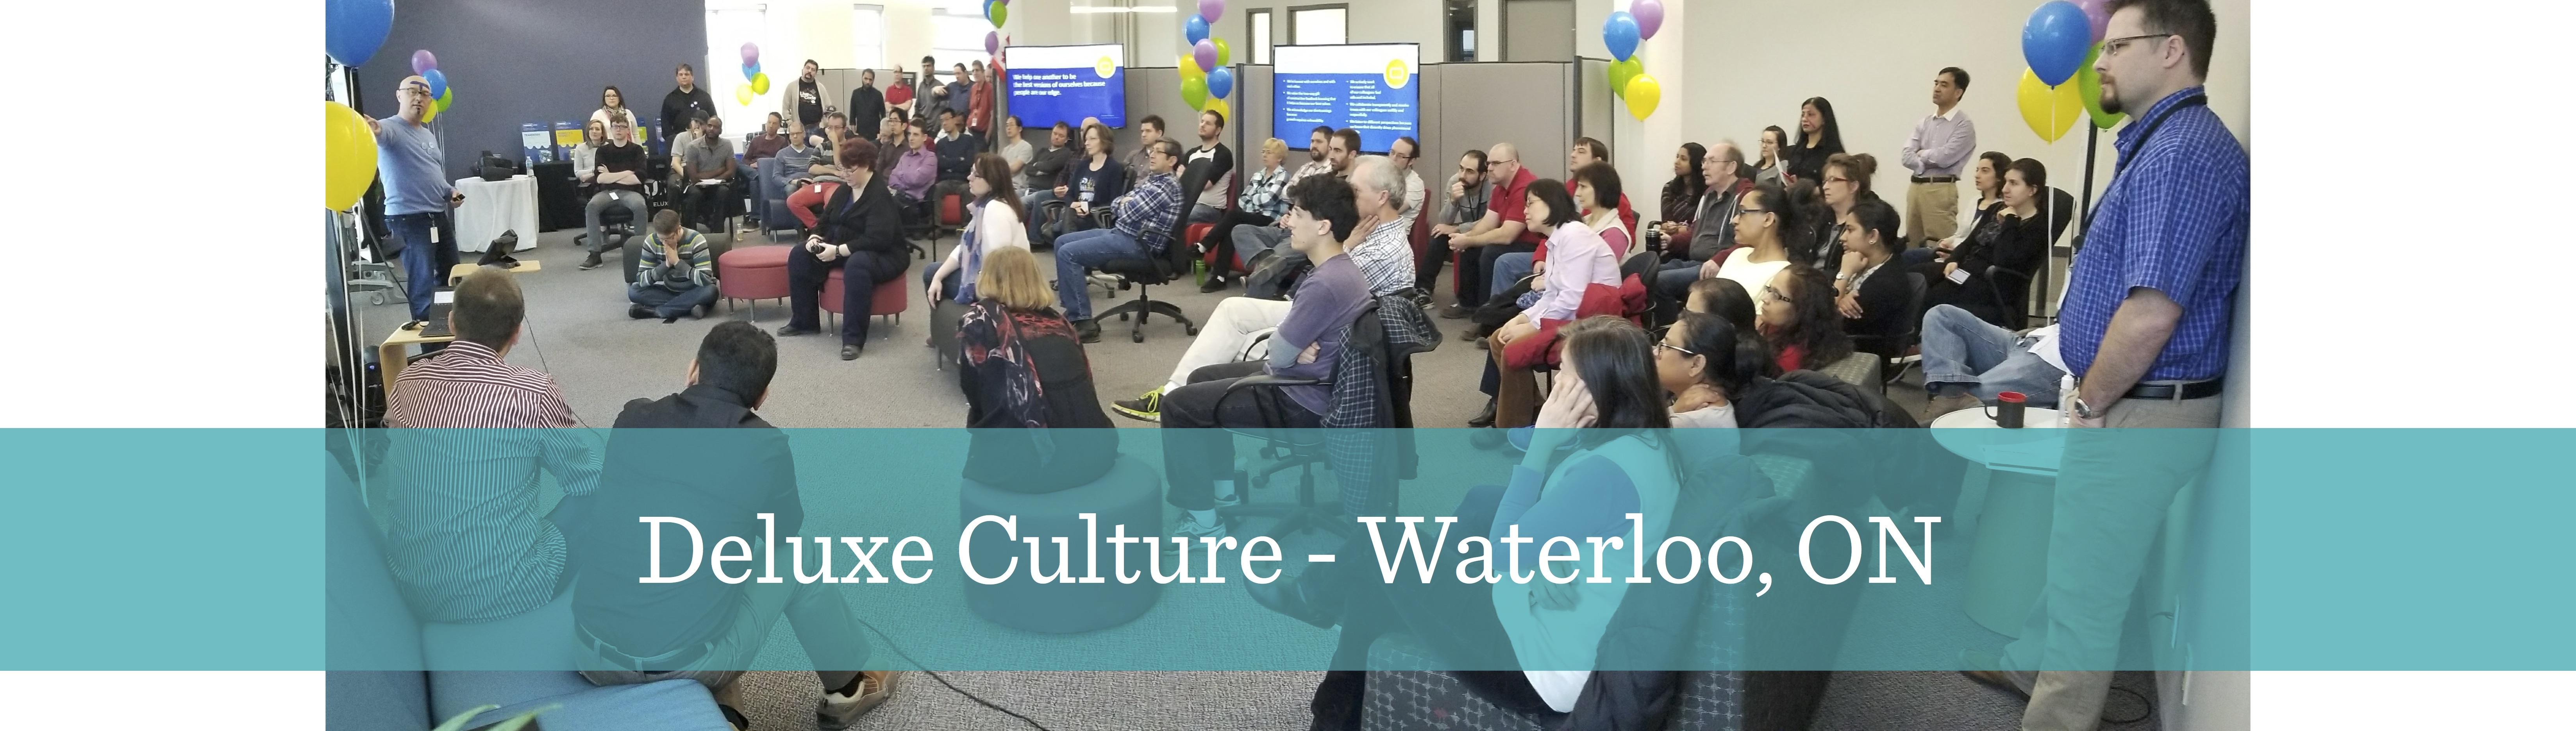 Deluxe Culture - Waterloo, ON